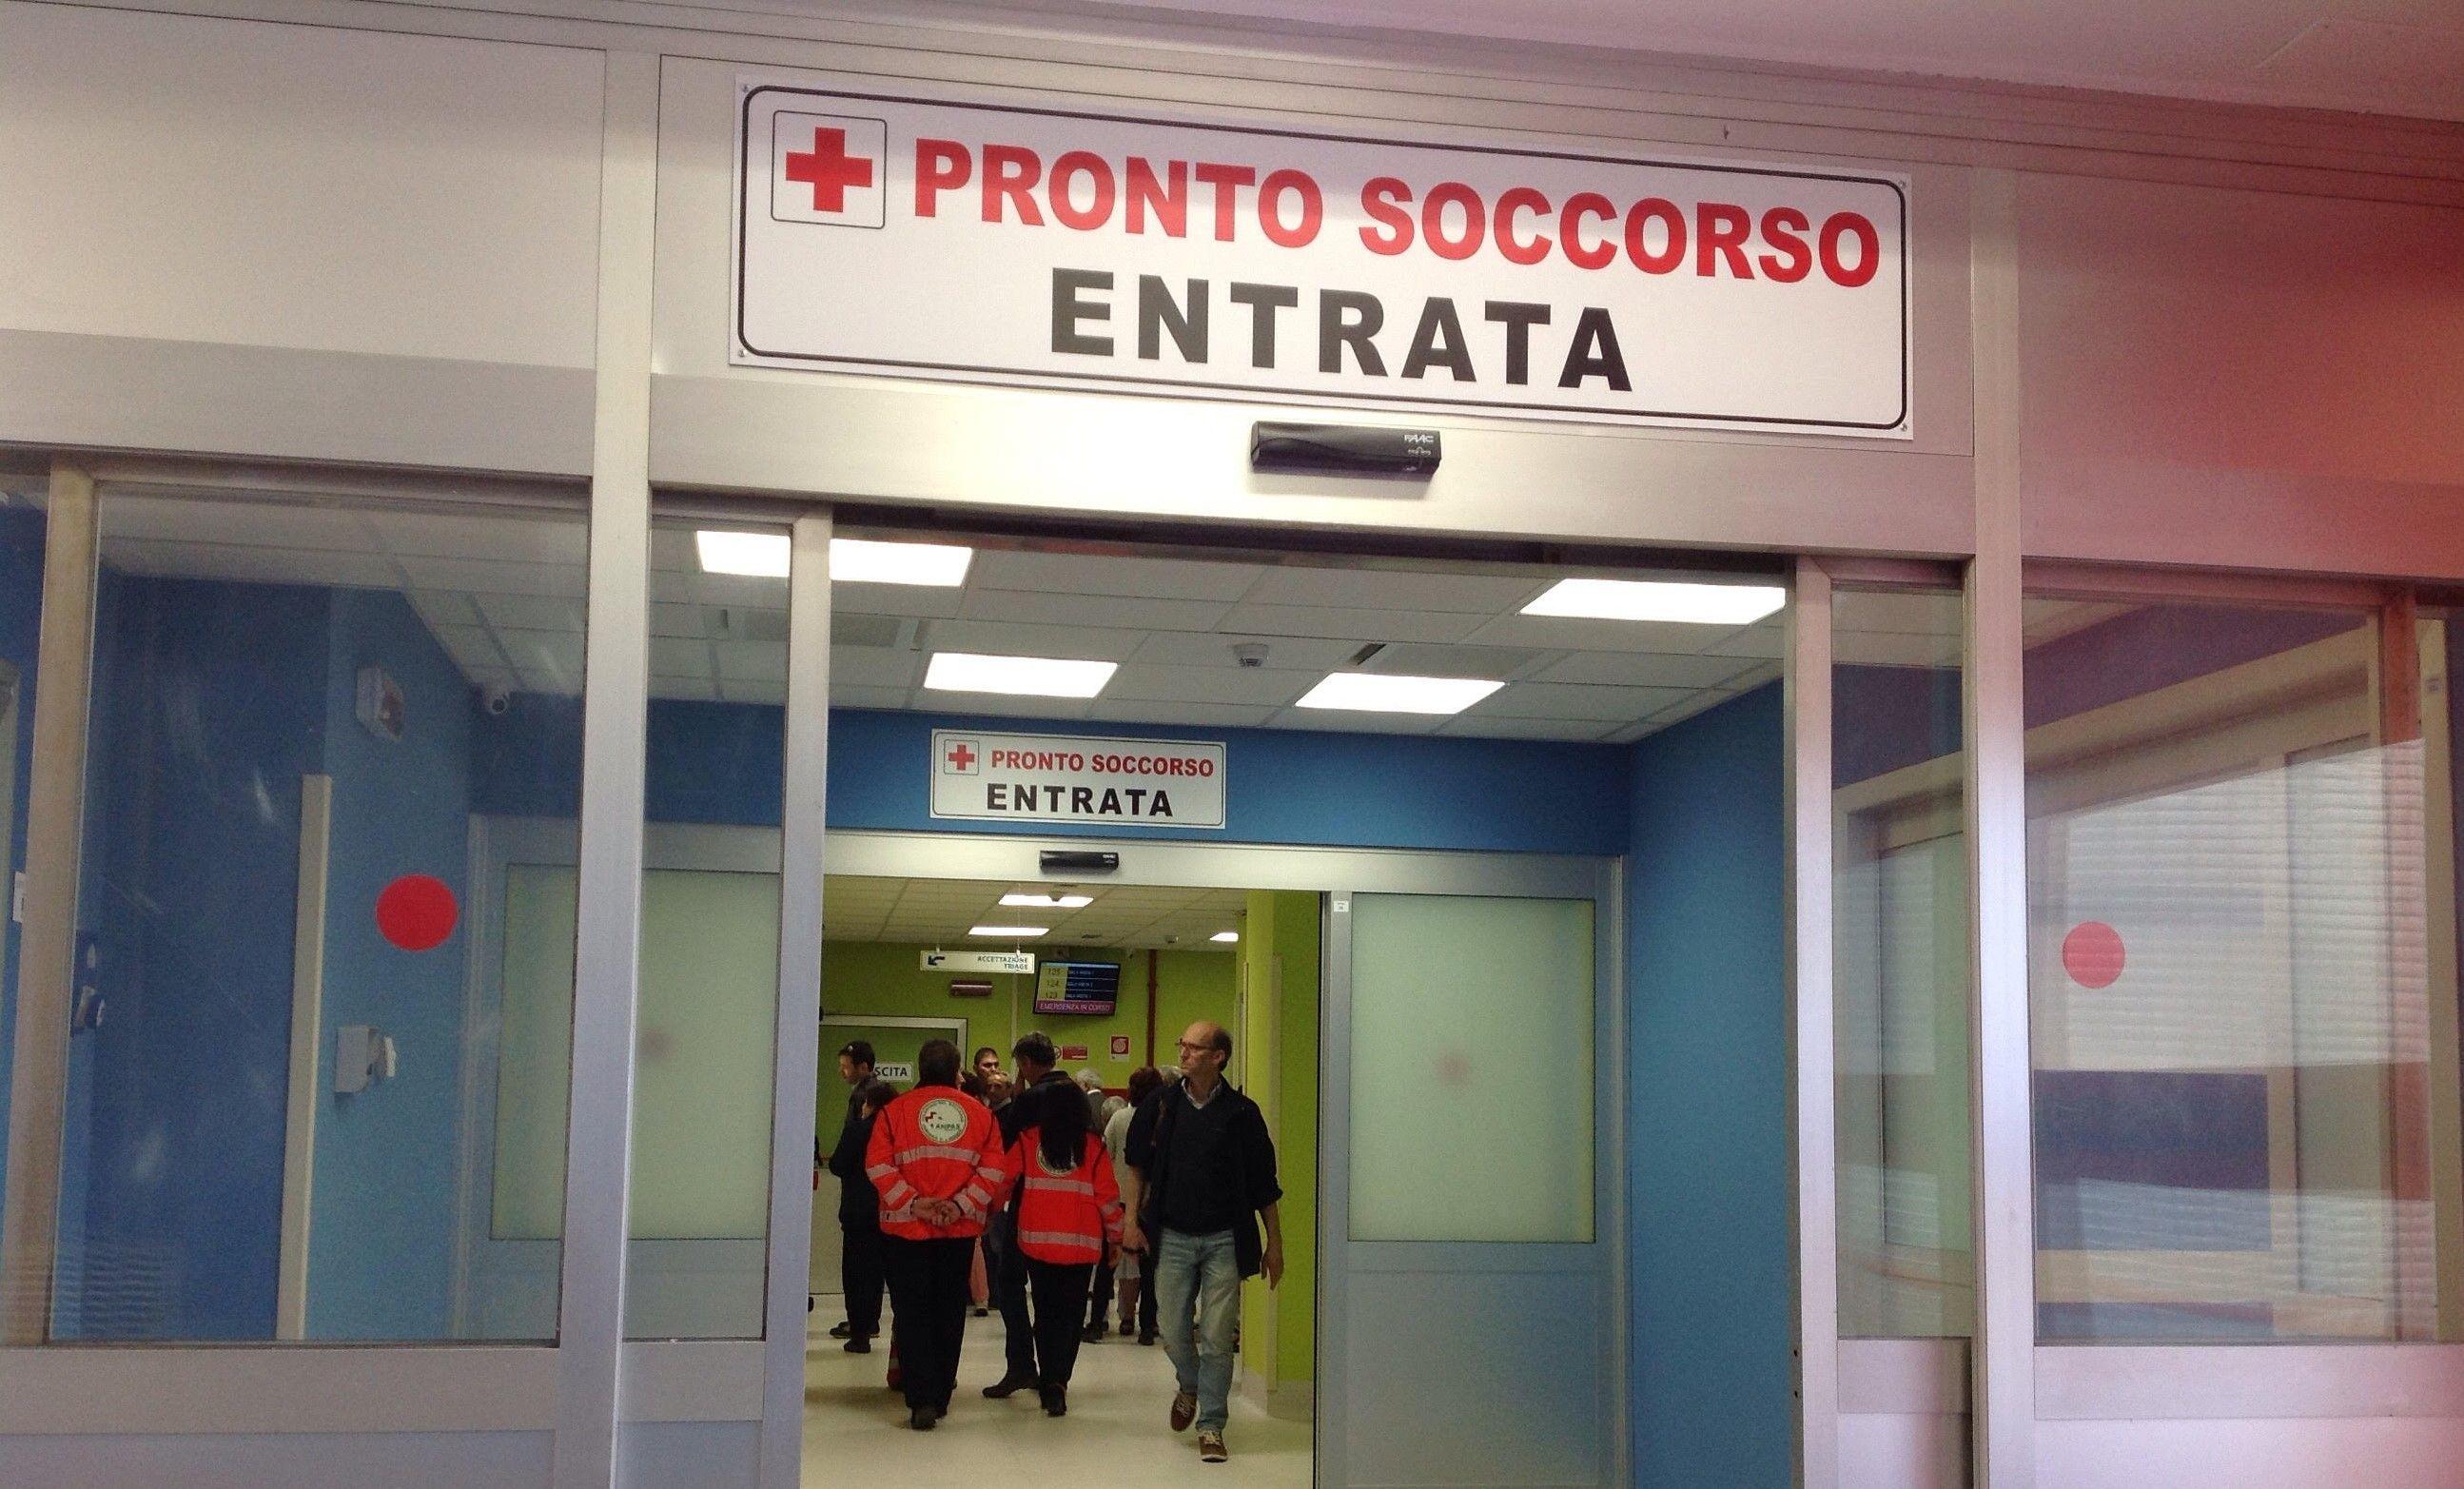 CUORGNE' - Otto ore al pronto soccorso per una radiografia... persa: la disavventura di un pensionato di San Colombano Belmonte